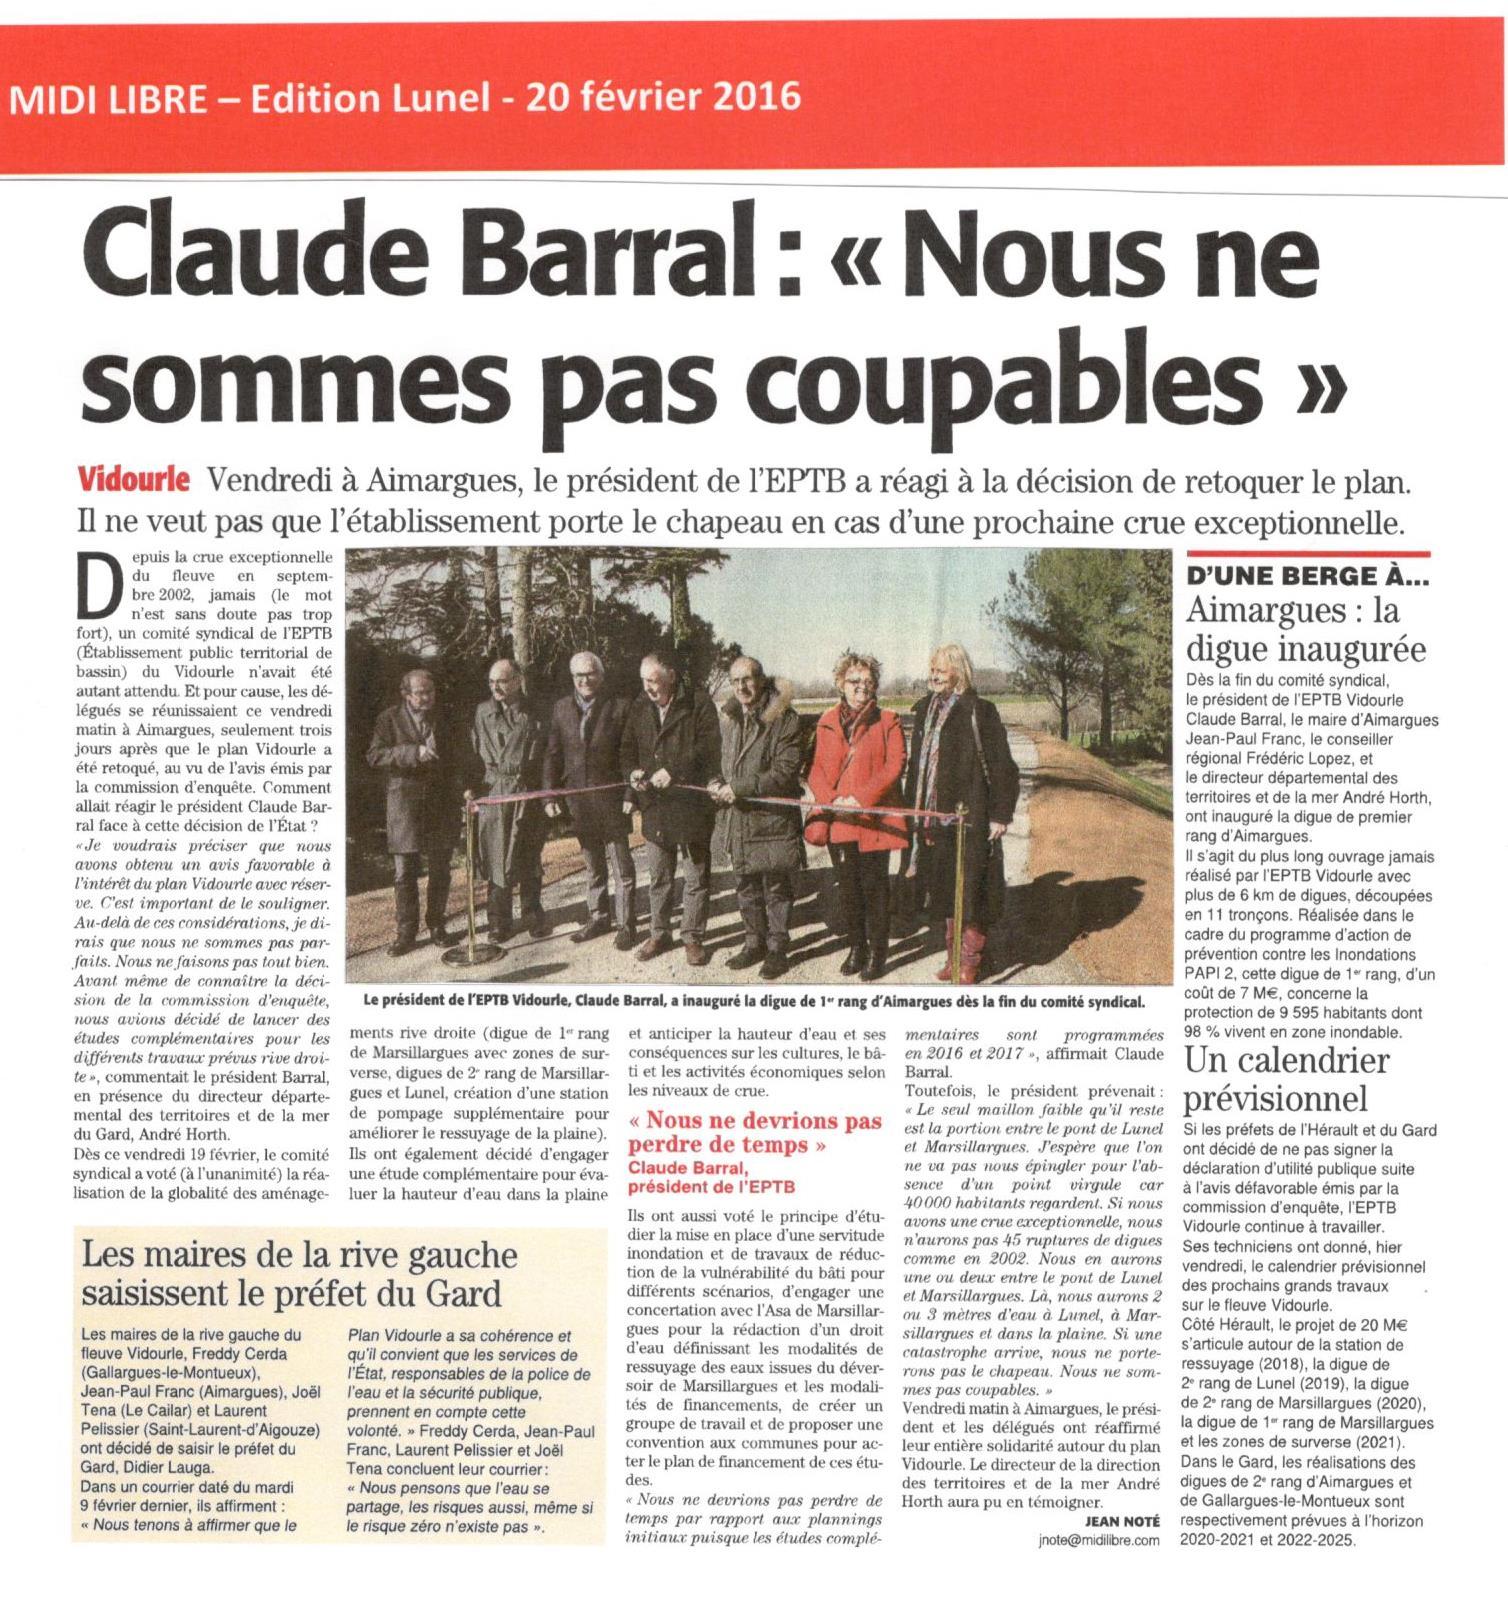 Claude BARRAL, le Président de l'EPTB Vidourle a réagi à la décision de retoquer le plan Vidourle lors du  comité syndical du 19 février 2016